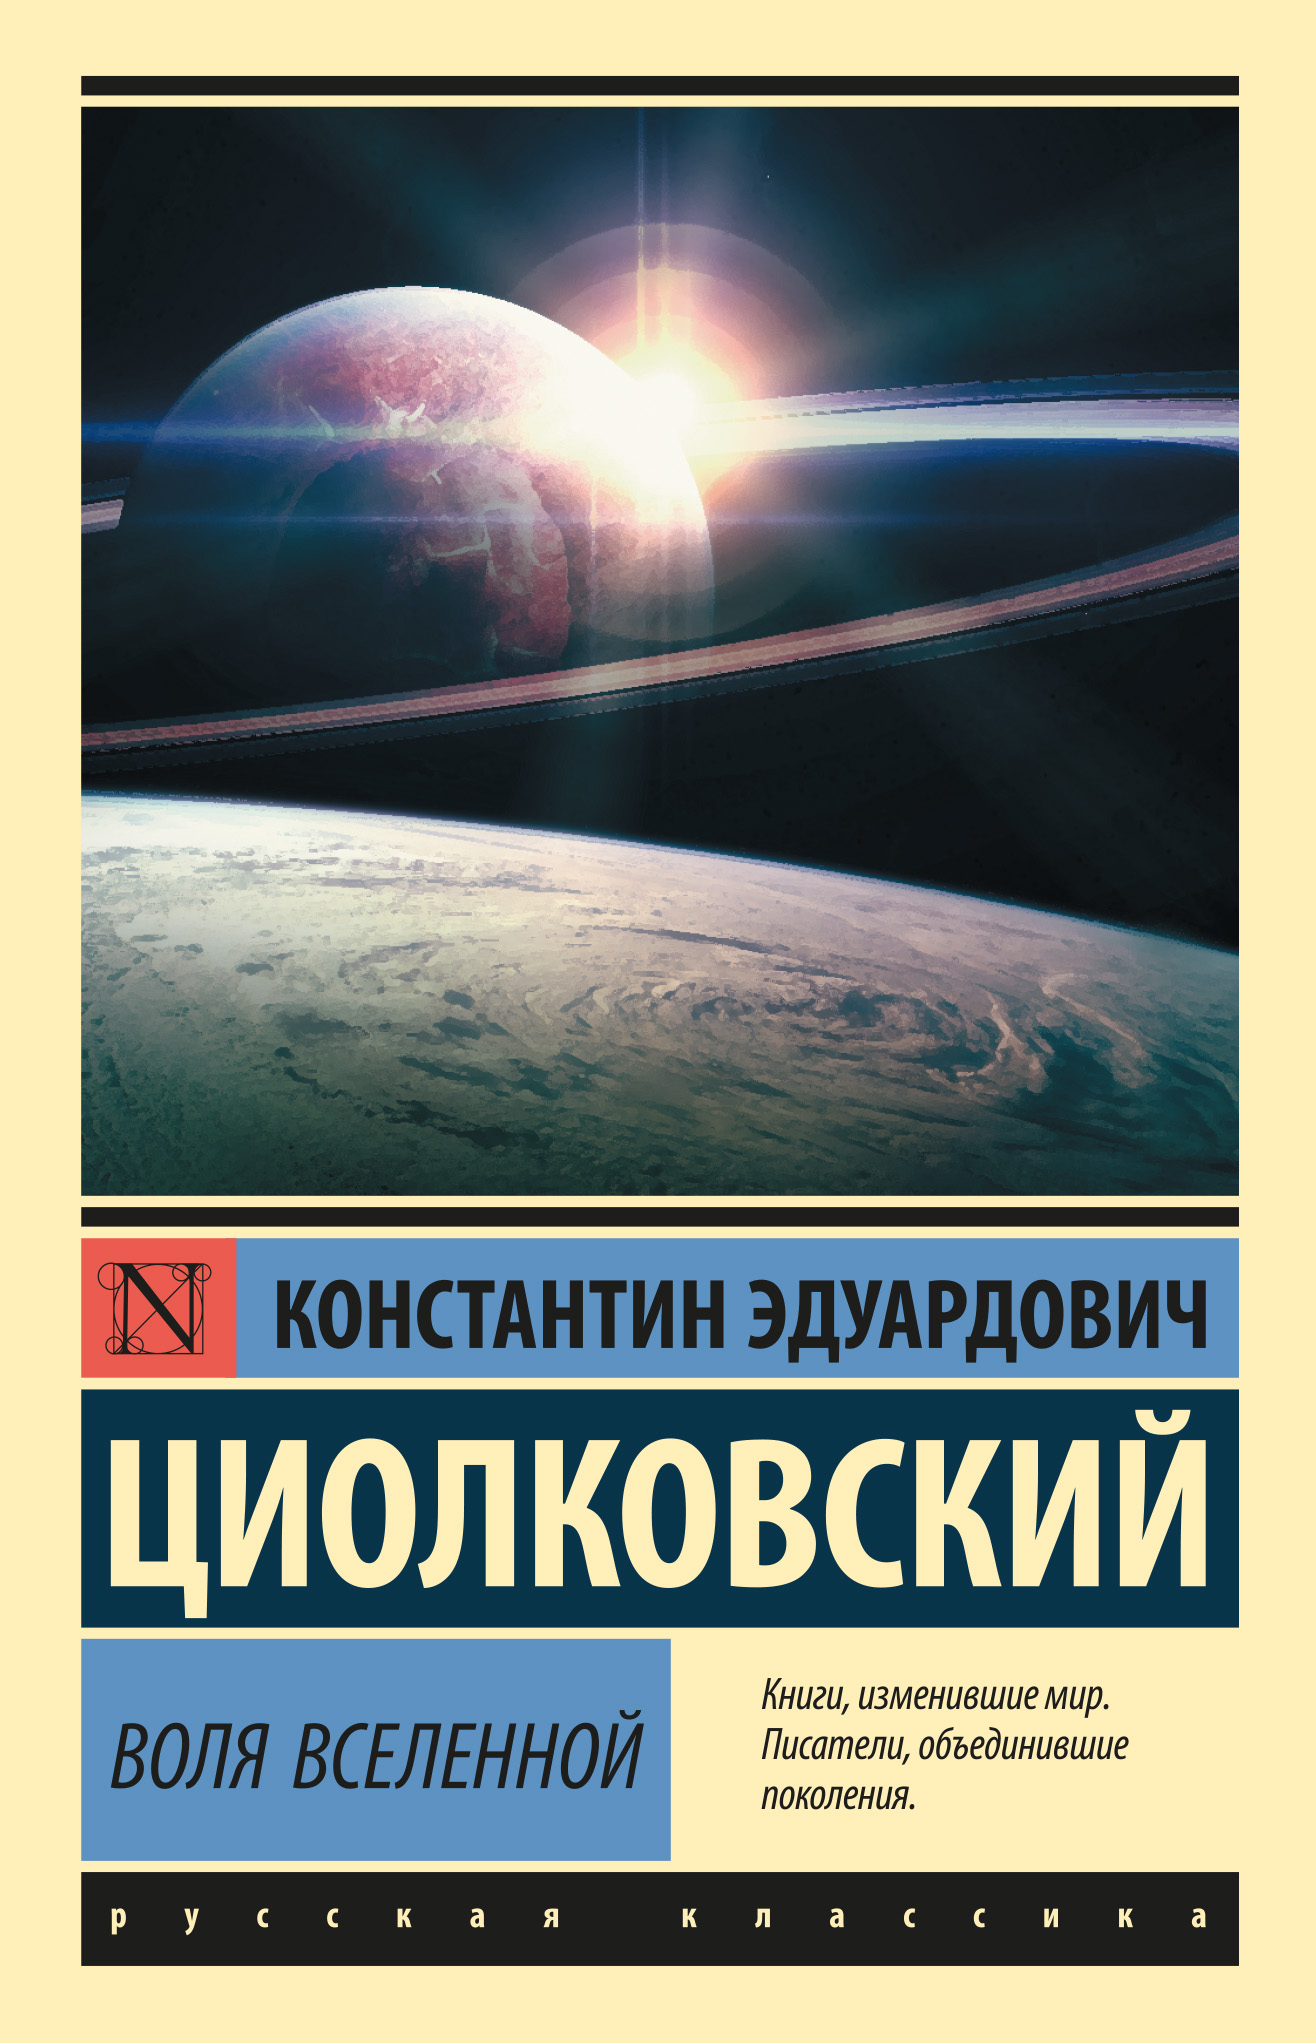 Константин Циолковский Воля Вселенной